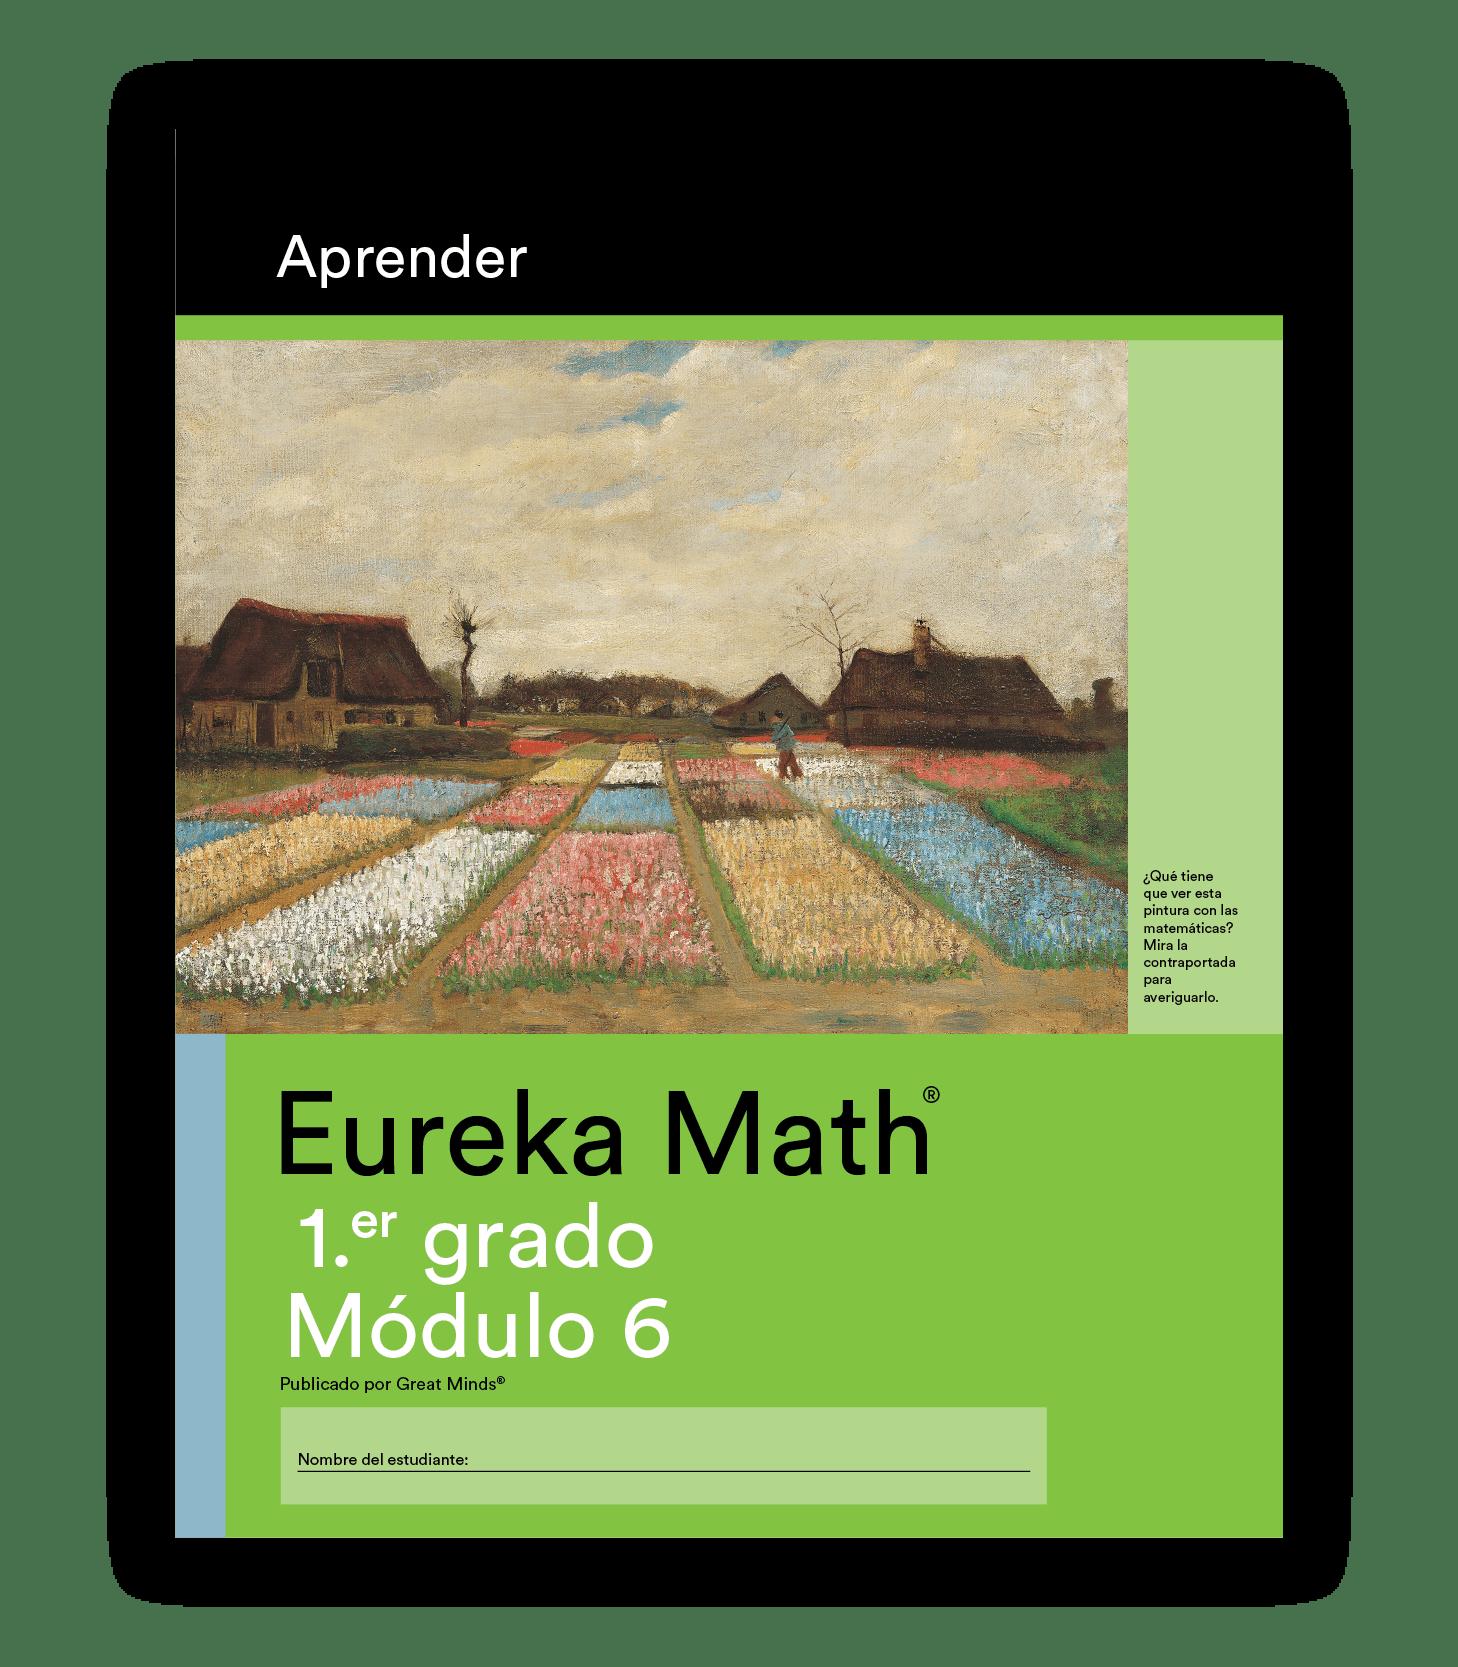 Eureka Math Learn Book in Spanish for Grade 1